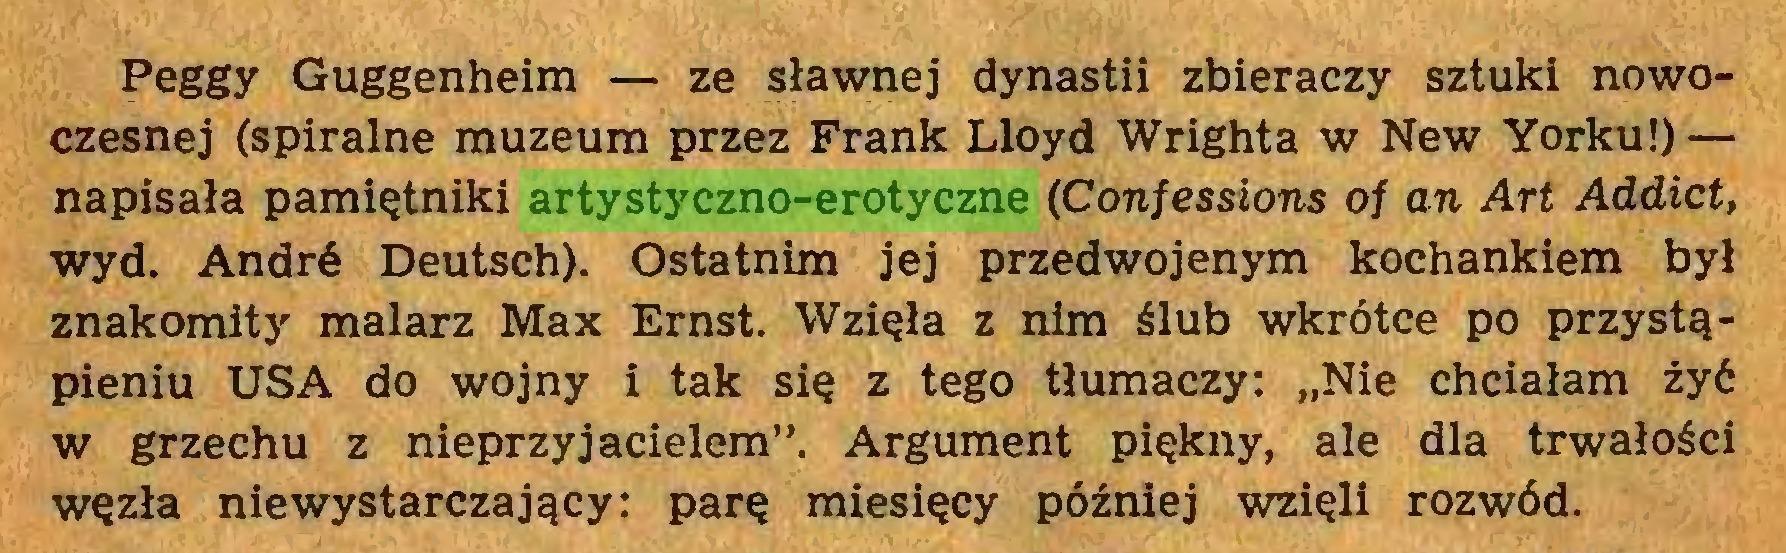 """(...) Peggy Guggenheim — ze sławnej dynastii zbieraczy sztuki nowoczesnej (spiralne muzeum przez Frank Lloyd Wrighta w New Yorku!) — napisała pamiętniki artystyczno-erotyczne (Confessions of an Art Addict, wyd. André Deutsch). Ostatnim jej przedwojenym kochankiem był znakomity malarz Max Ernst. Wzięła z nim ślub wkrótce po przystąpieniu USA do wojny i tak się z tego tłumaczy: """"Nie chciałam żyć w grzechu z nieprzyjacielem"""". Argument piękny, ale dla trwałości węzła niewystarczający: parę miesięcy później wzięli rozwód..."""